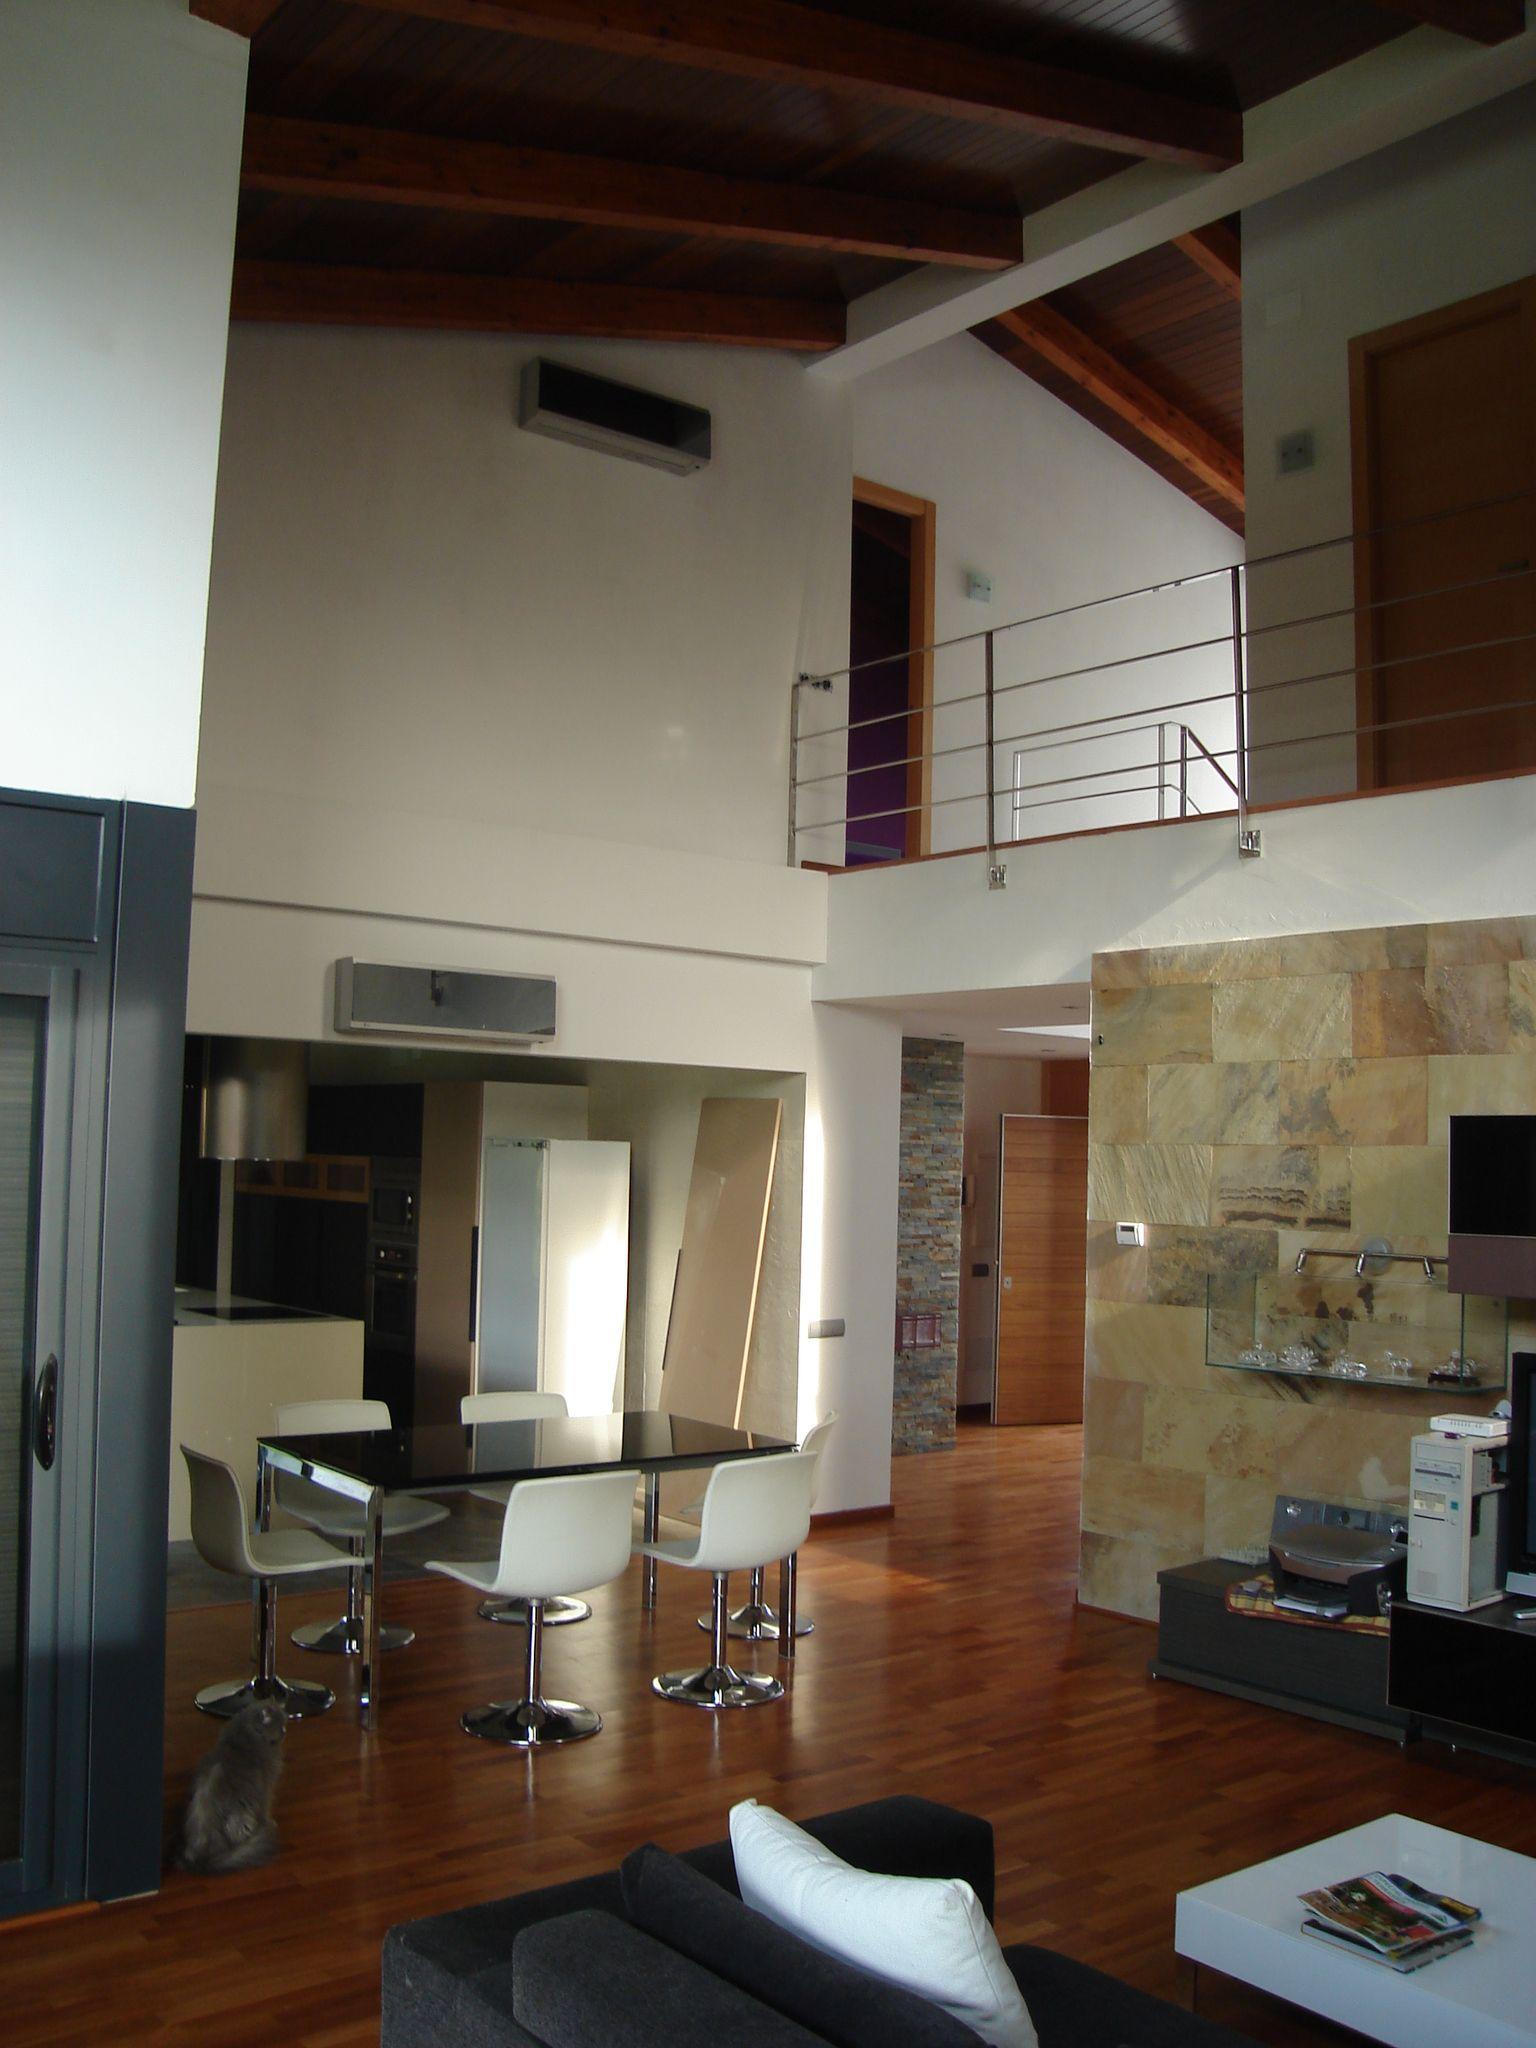 Casas #Rustico #Comedor #Cocina #Sala de estar #Sillas #Encimeras ...